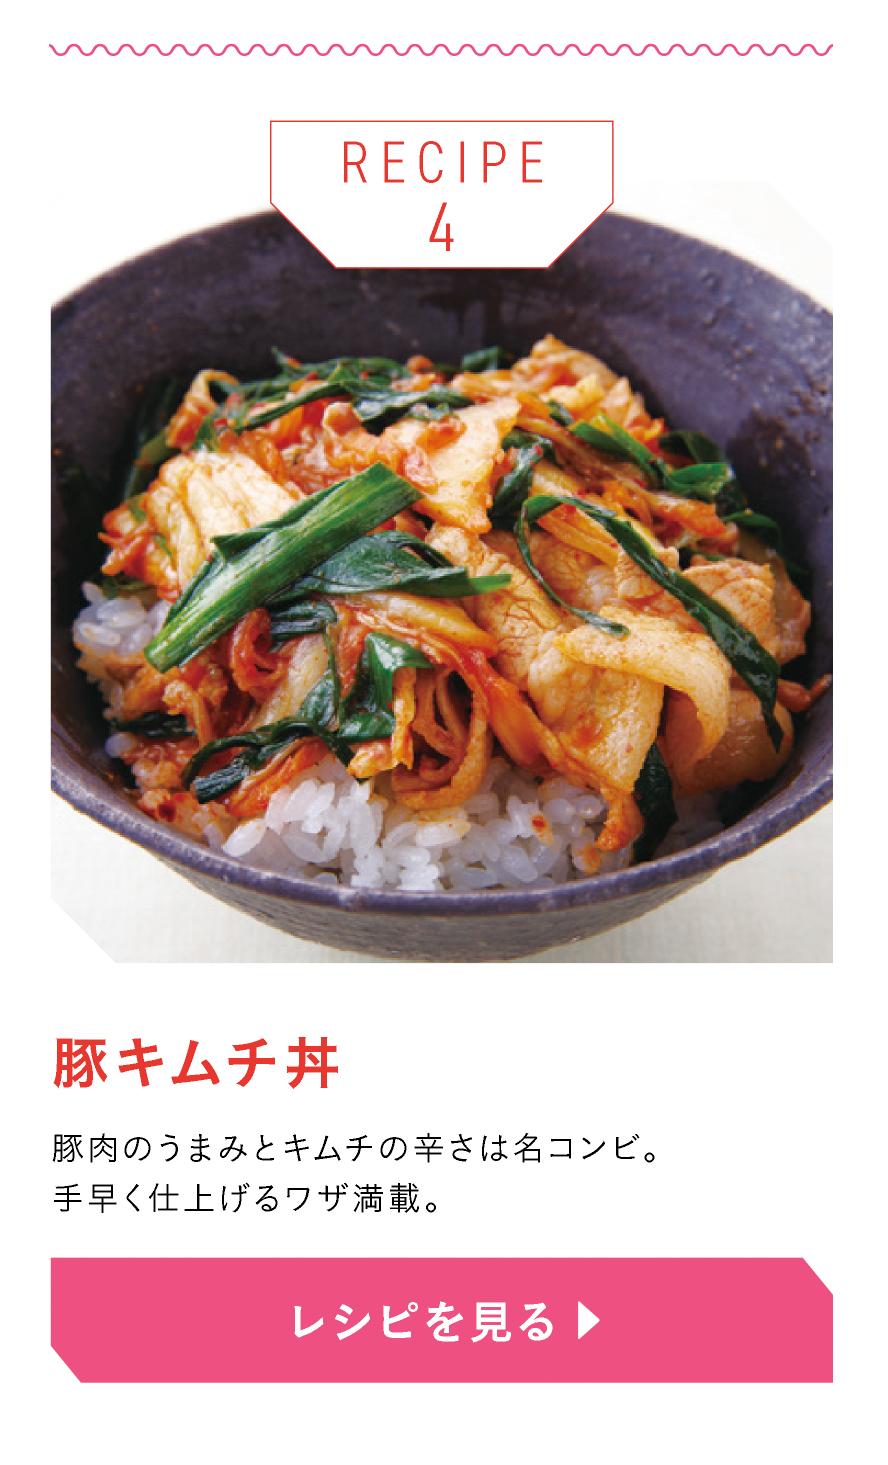 豚キムチ丼 豚肉のうまみとキムチの辛さは名コンビ。 手早く仕上げるワザ満載。